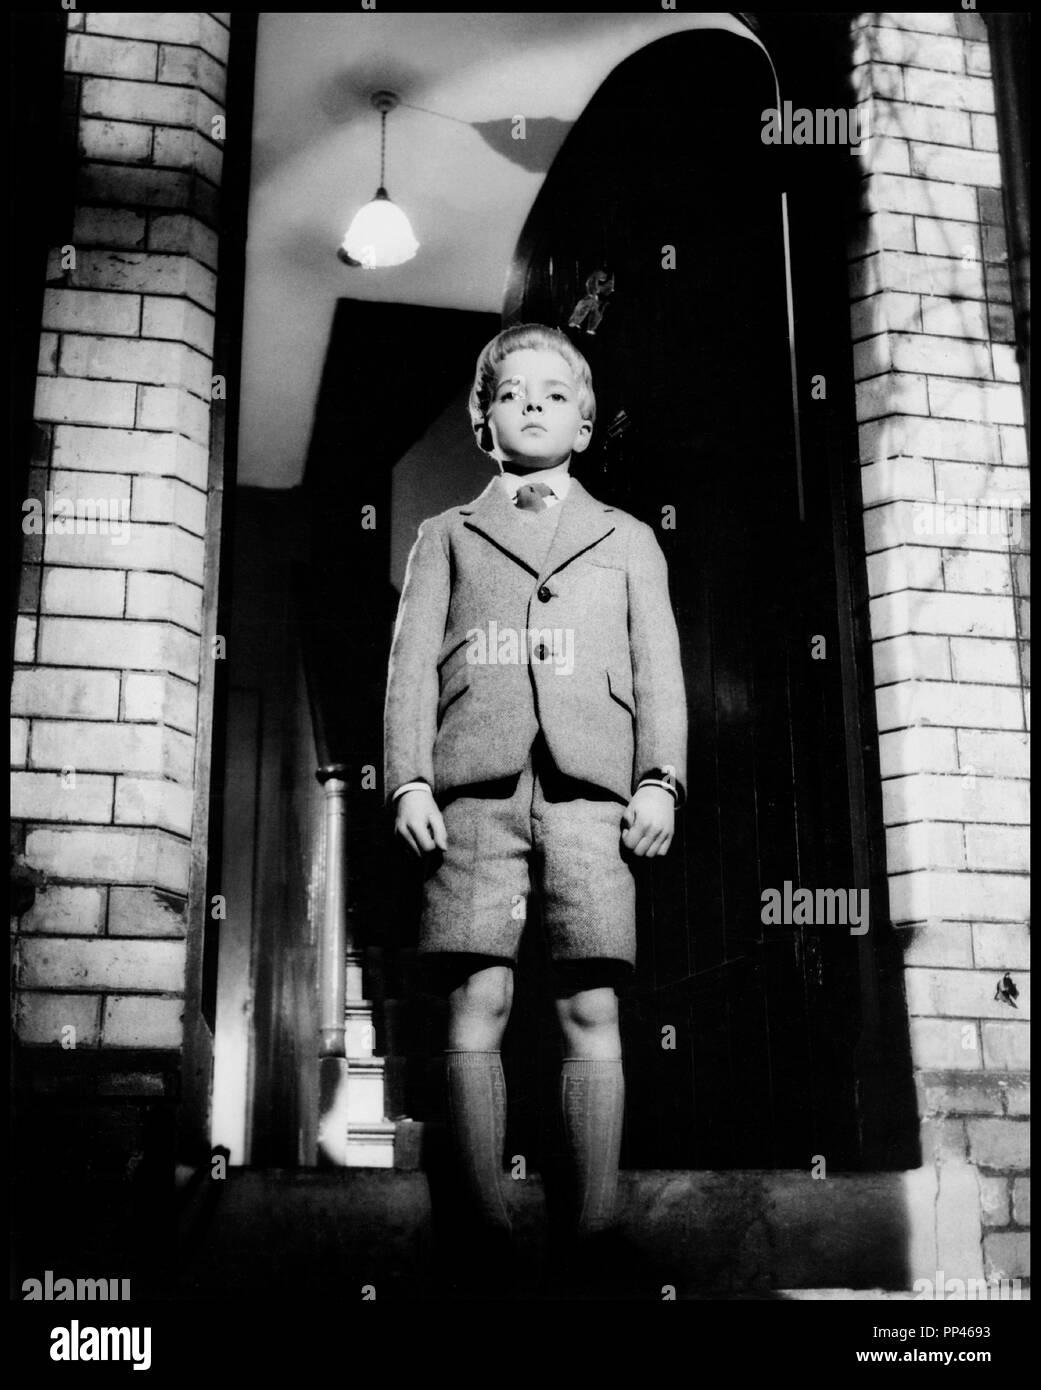 Prod DB © MGM / DR LE VILLAGE DES DAMNES (VILLAGE OF THE DAMNED) de Wolf Rilla 1960 USA avec Martin Stephens  d'apres le roman de John Wyndham : THE MIDWICH CUCKOOS/LES COUCOUS DE MIDWICH code MGM 5033 enfant, inquietant, blond, portrait, short - Stock Image